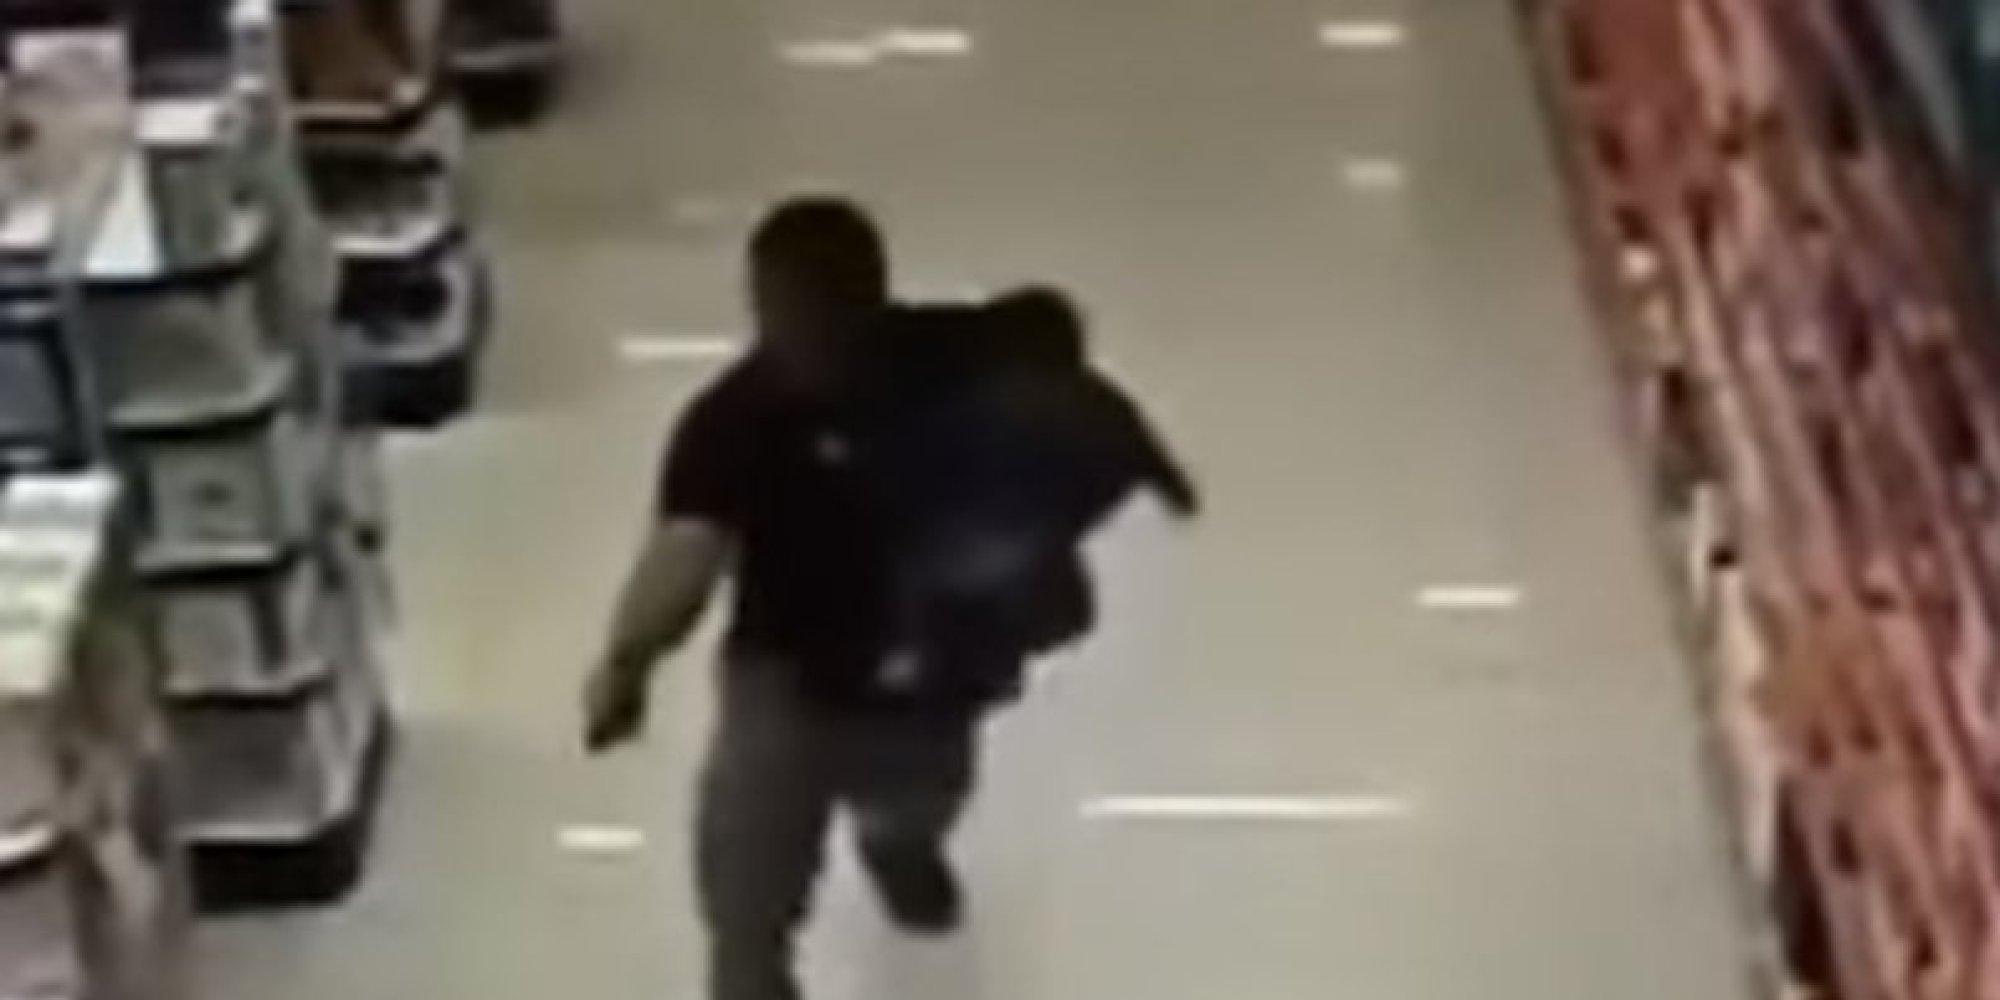 على طريقة أفلام جيمس بوند.. شرطي يُفشل عملية سطو داخل صيدلية وهو يحمل طفله على ذراعه !